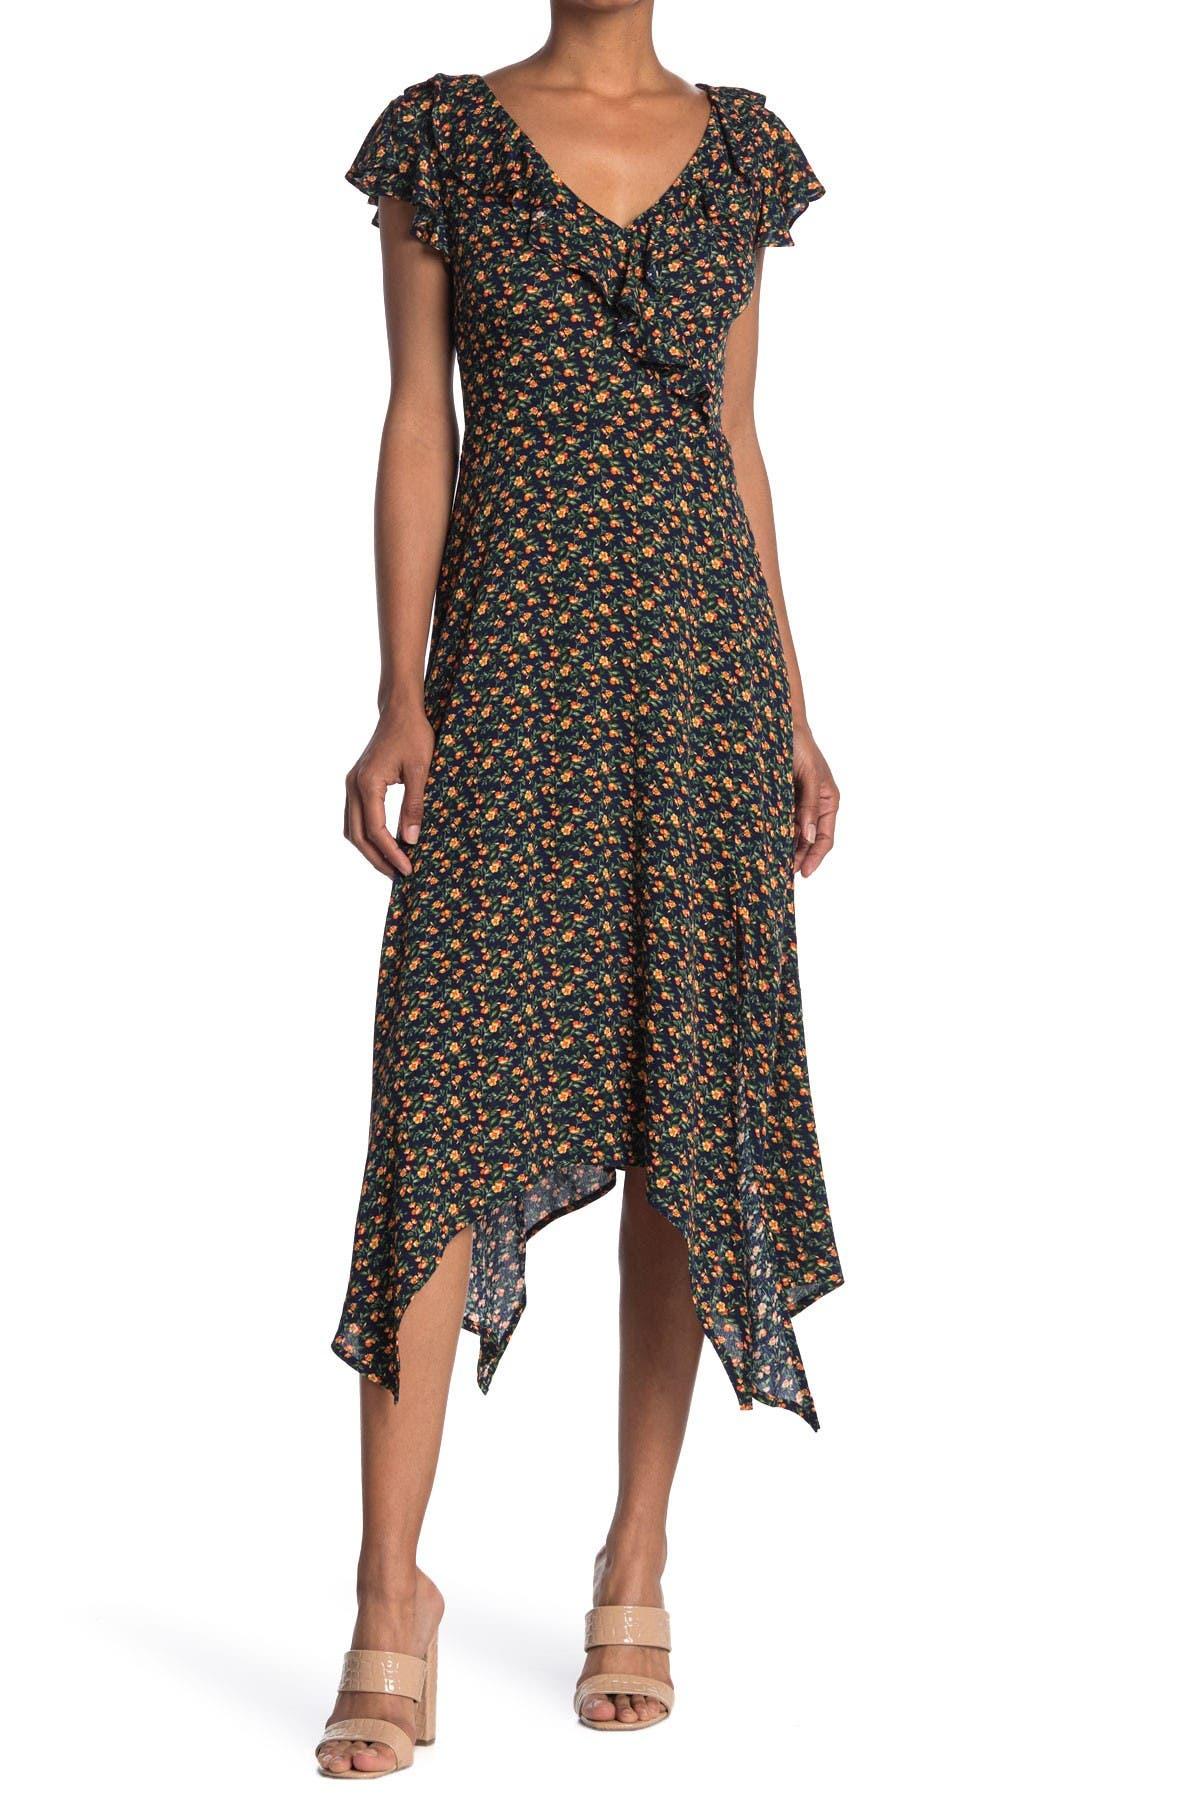 Image of KENEDIK Floral Ruffled Handkerchief Hem Midi Dress